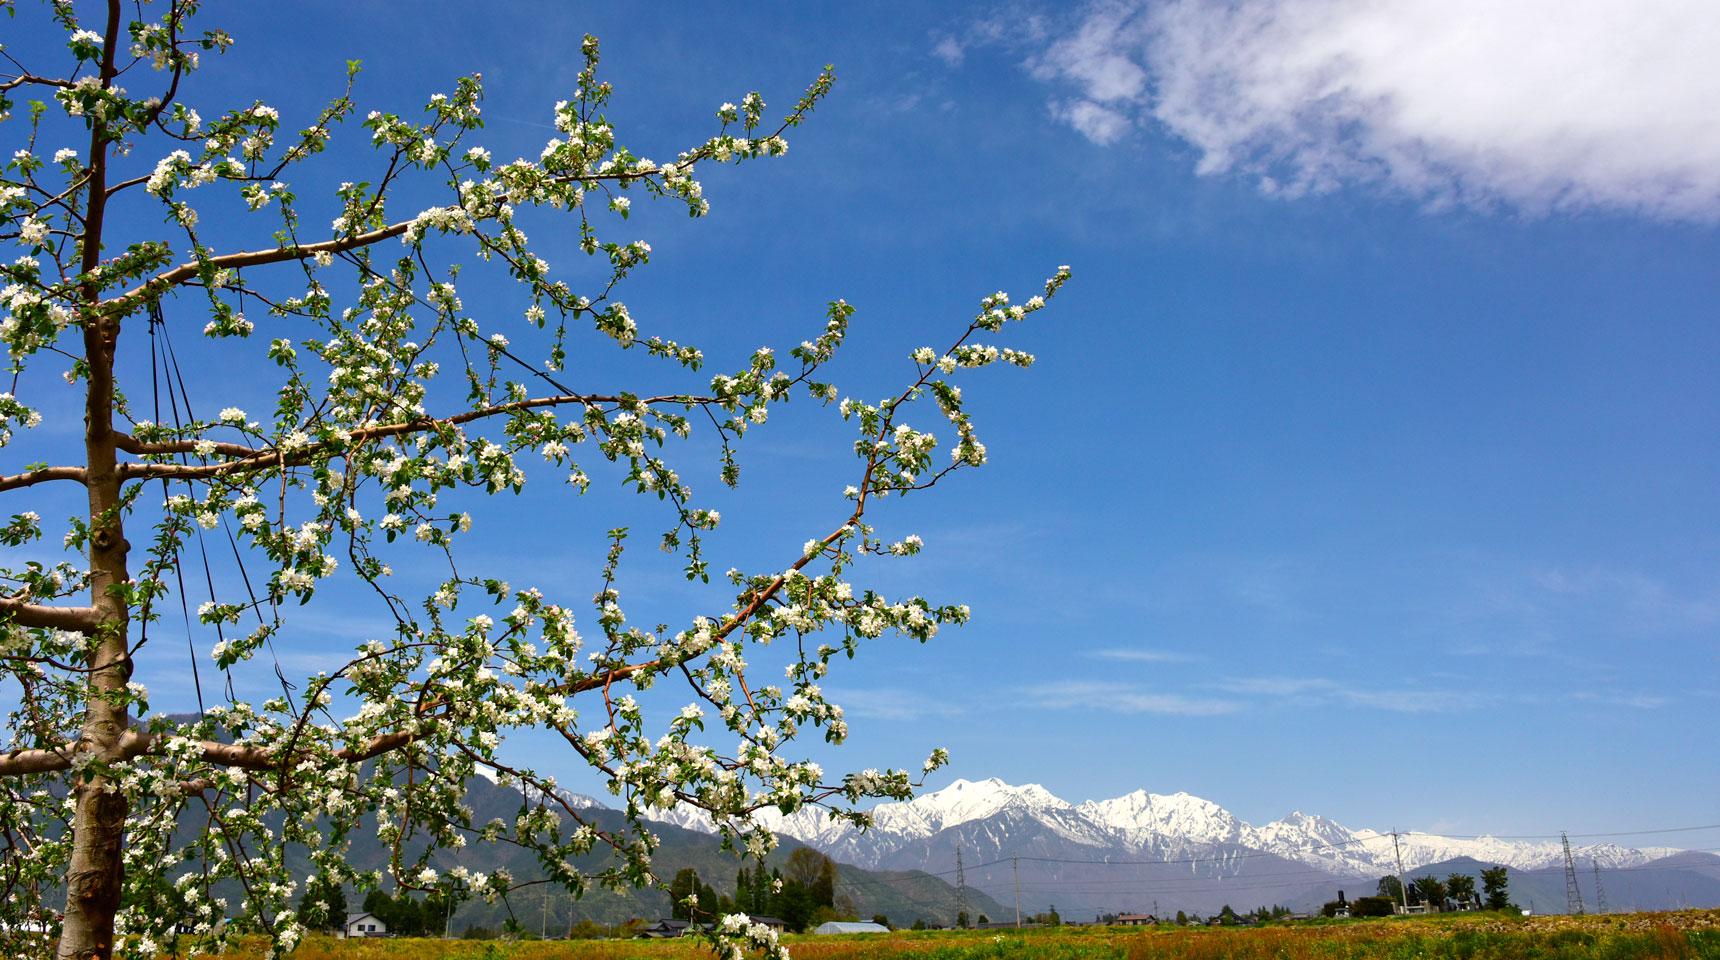 スライド100 大町市常盤 リンゴの花と北アルプス